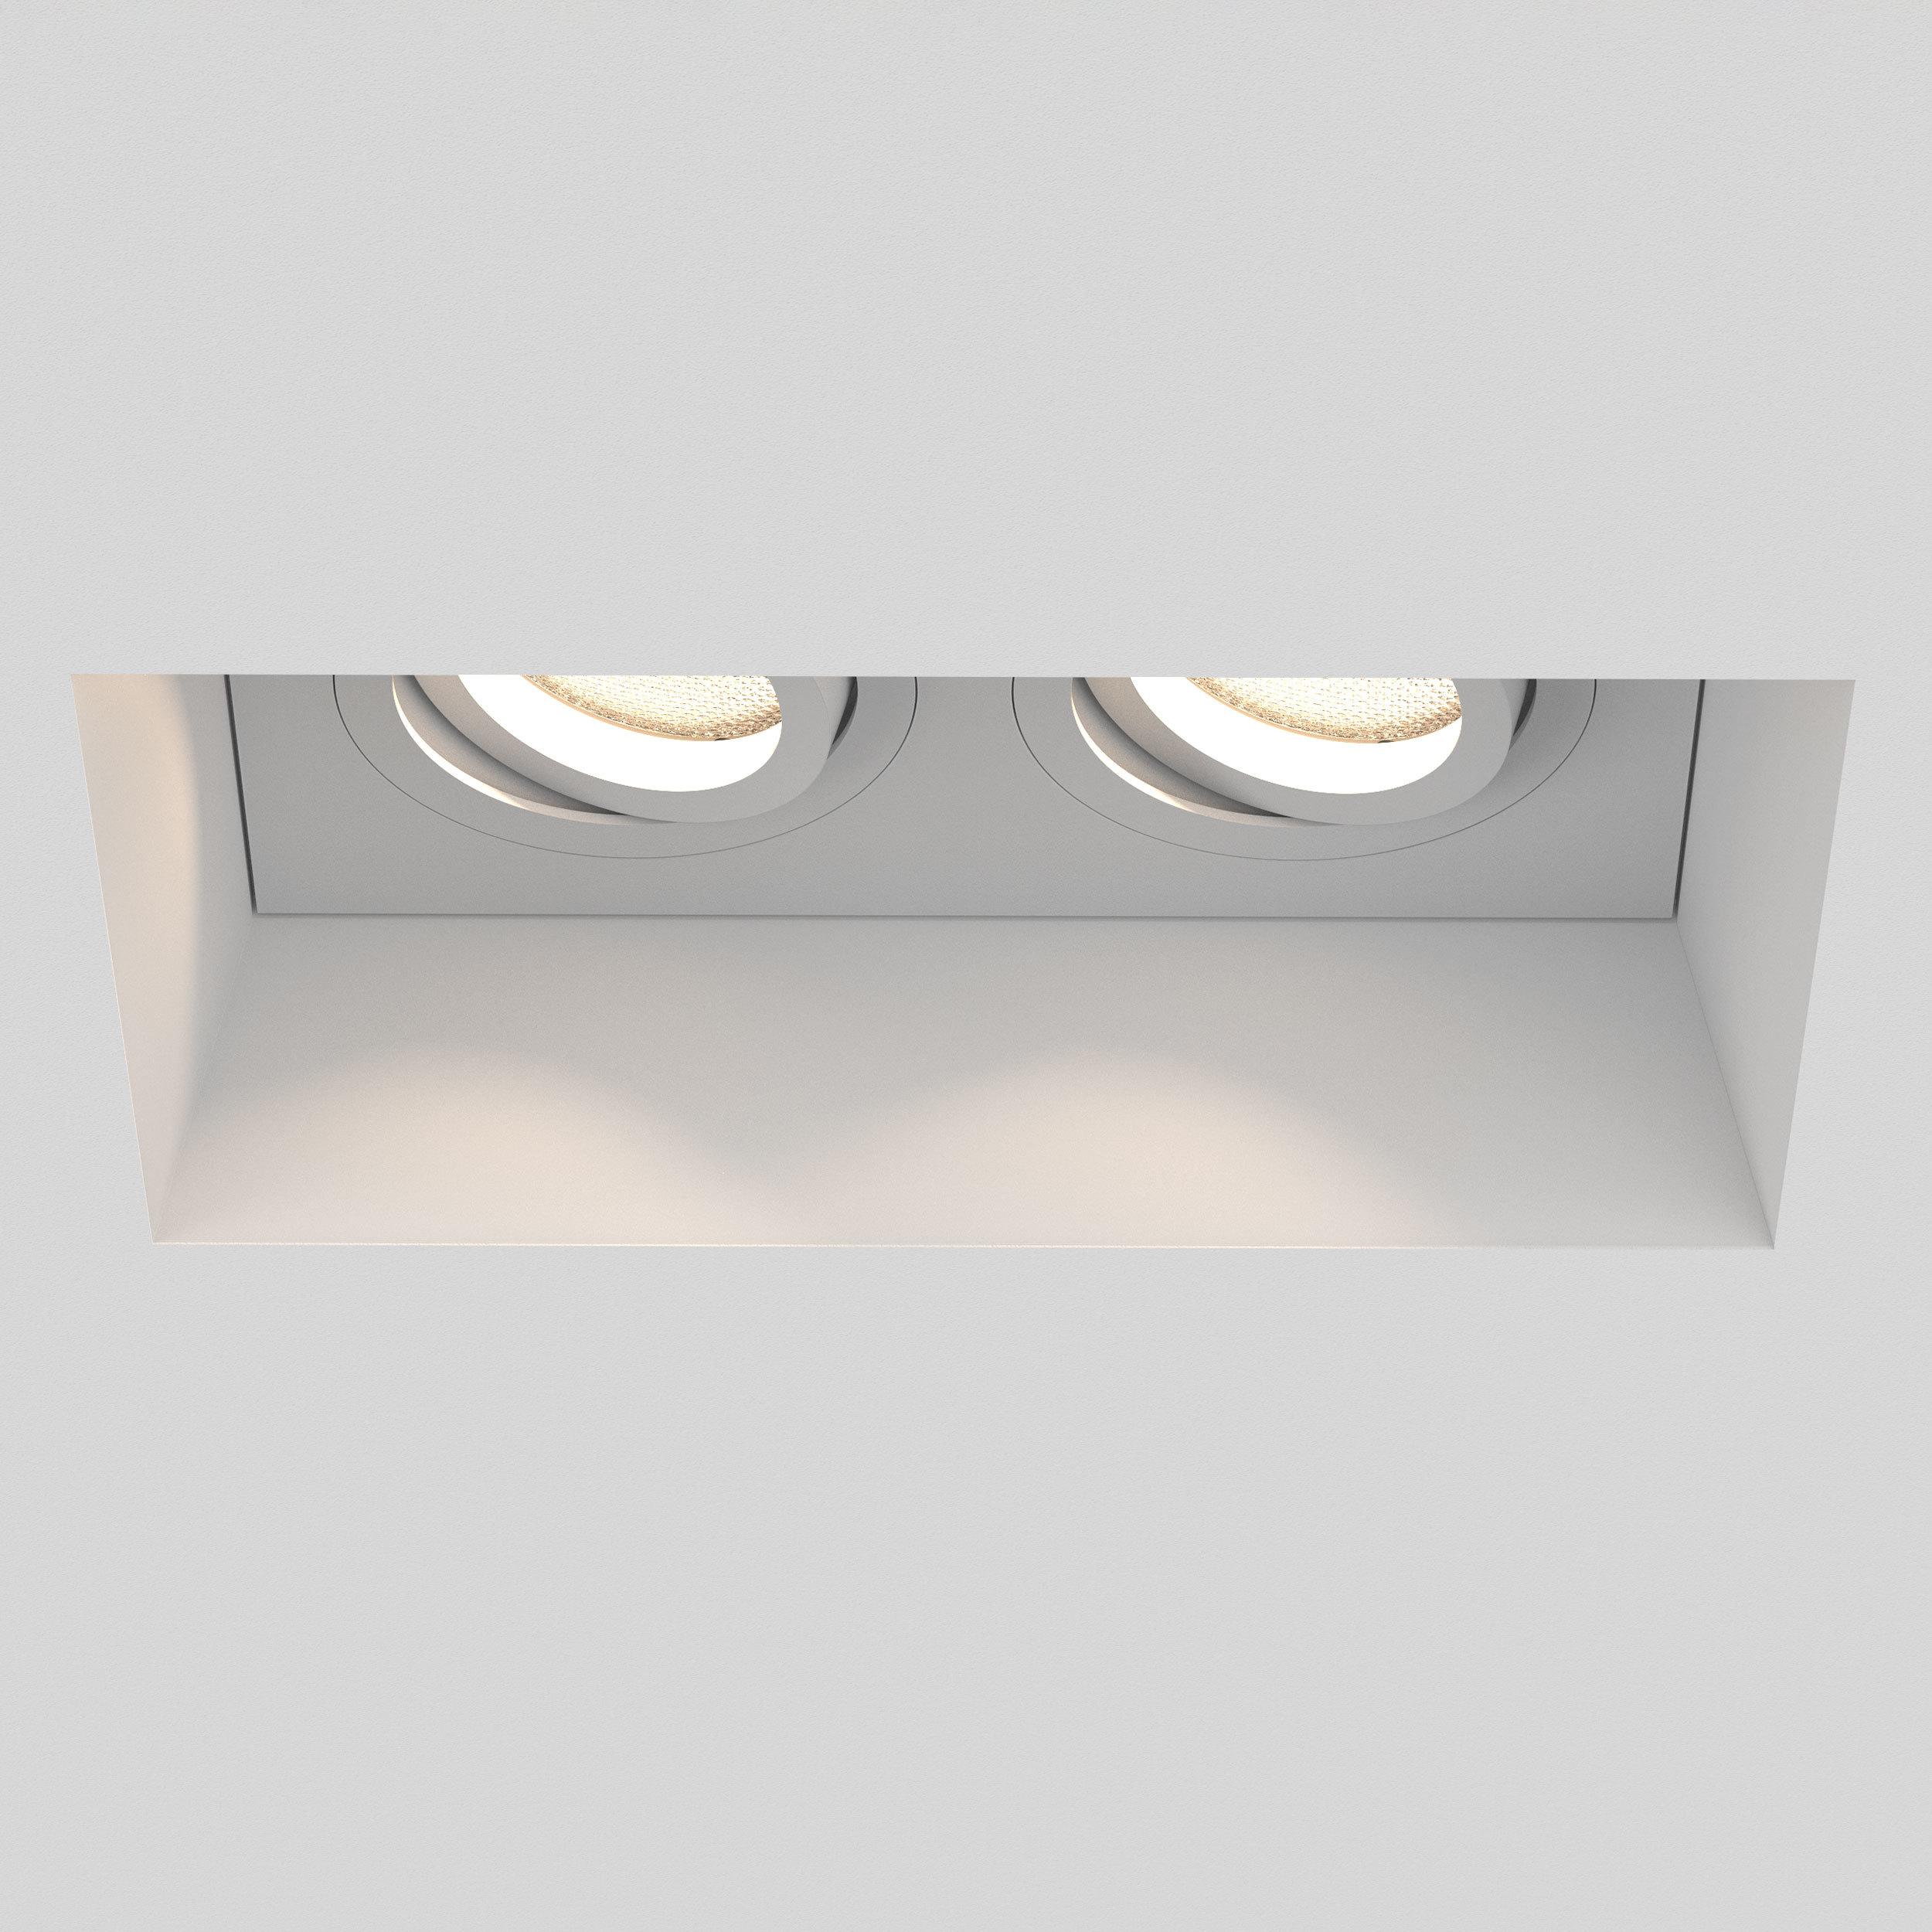 Встраиваемый светильник Astro Blanco 1253006 (7344), 2xGU10x50W, белый, под покраску, гипс, металл - фото 5